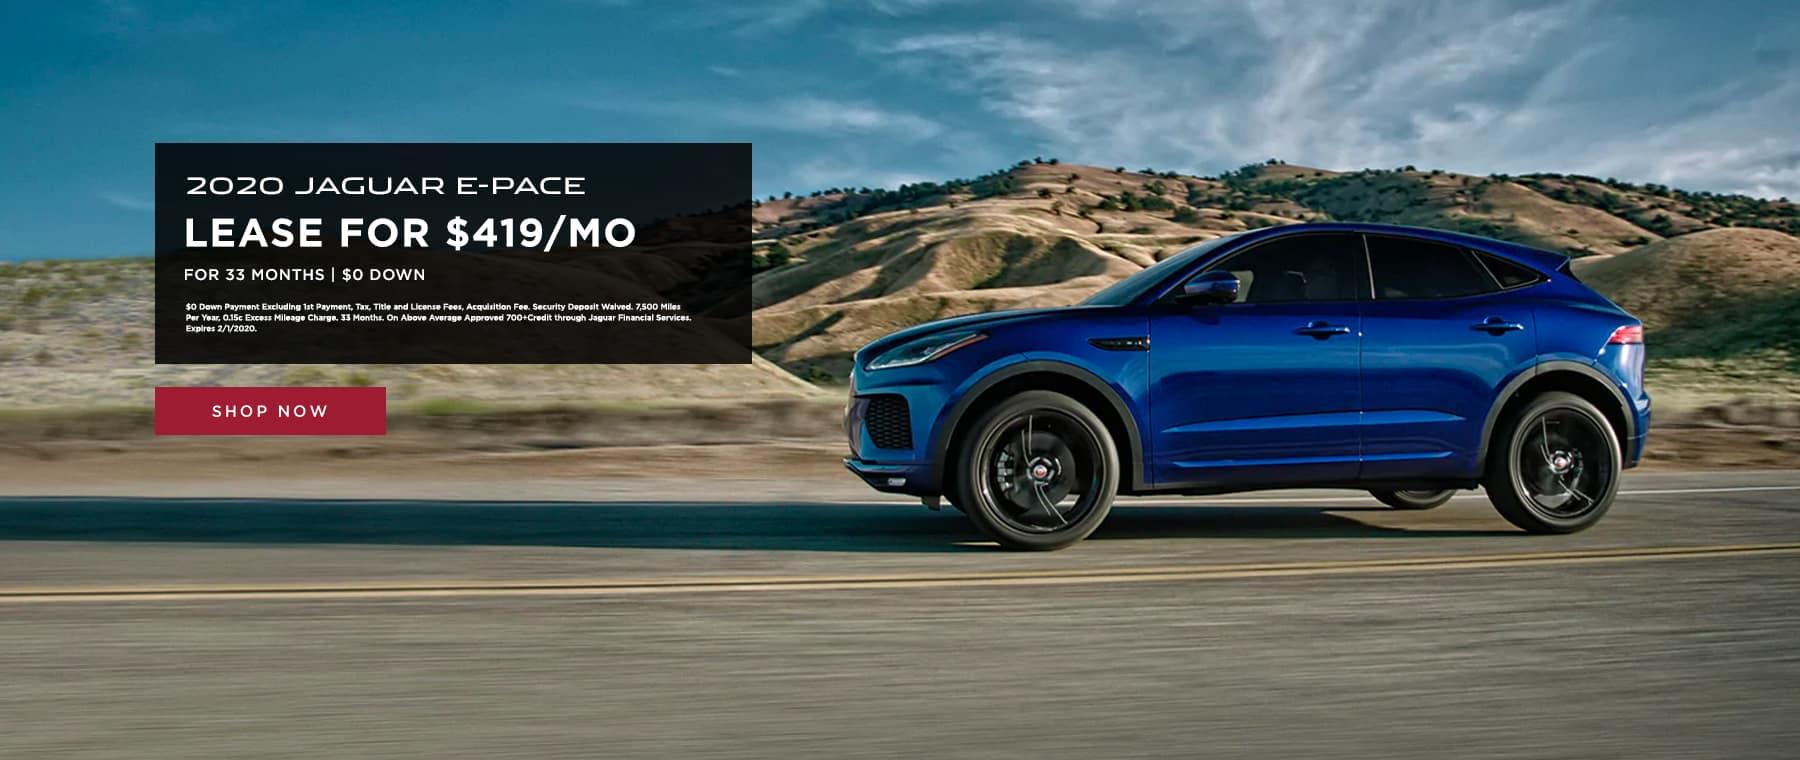 Lease 2020 Jaguar E-Pace